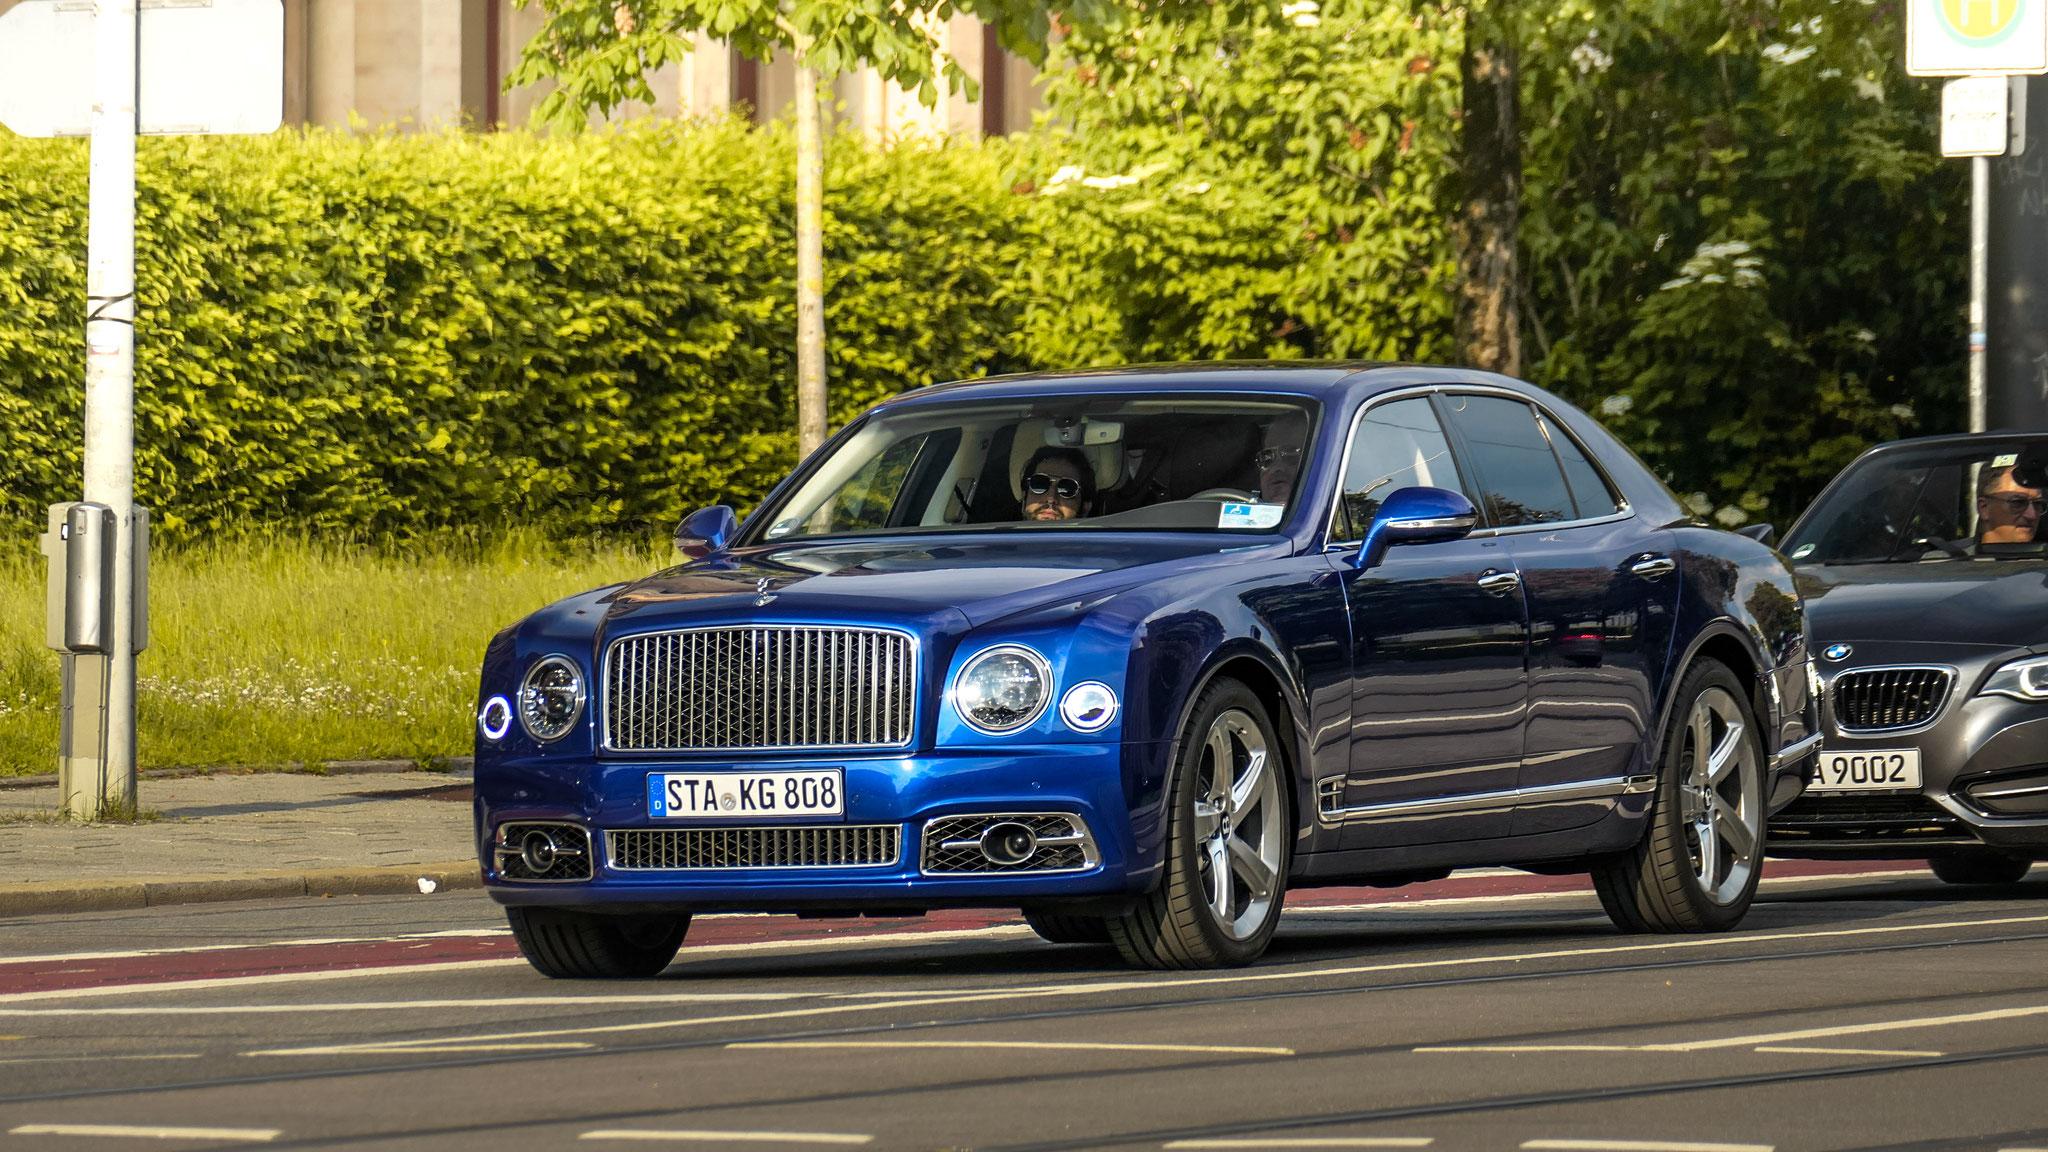 Bentley Mulsanne - STA-KG-808